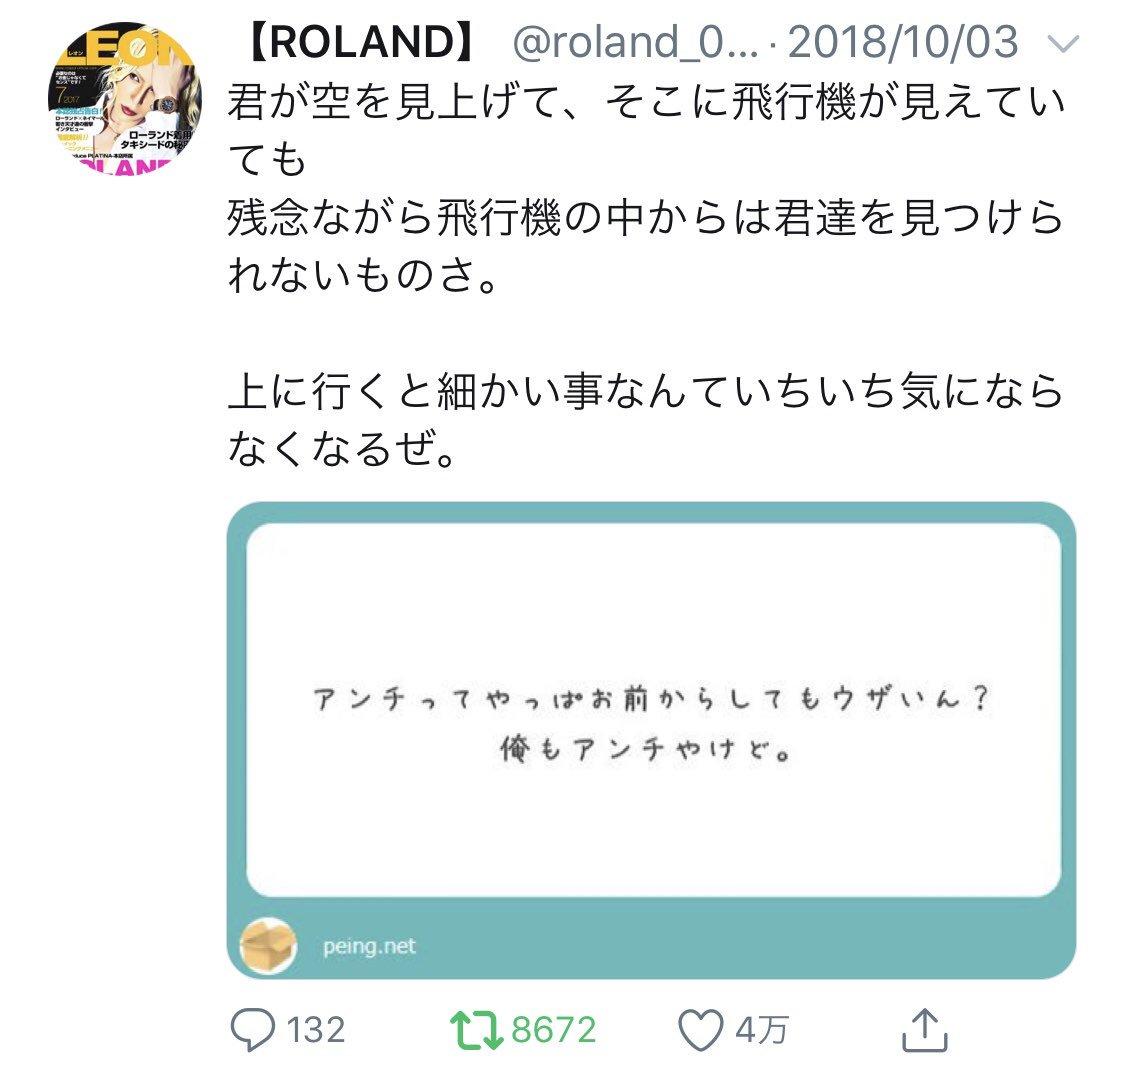 クソリプやクソコメントを頂いて傷ついてしまった時は… ROLAND様の返し方を参考にしてみましょう。